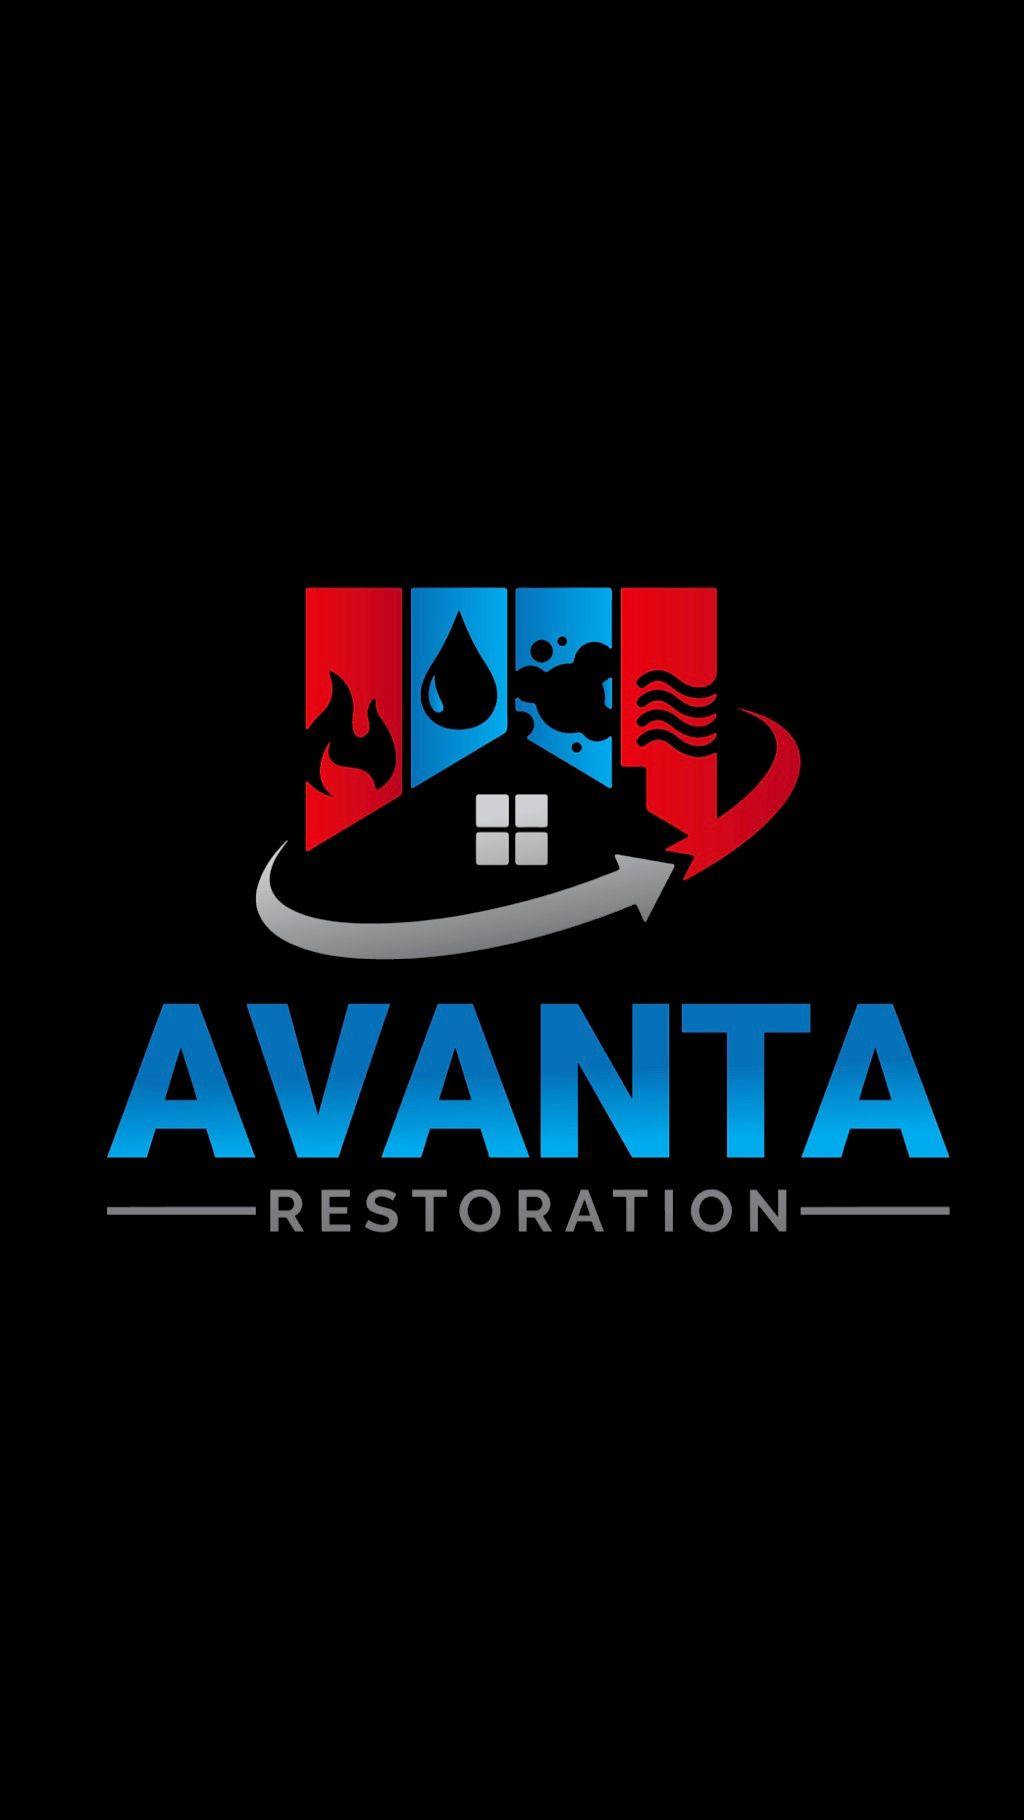 Avanta Restoration